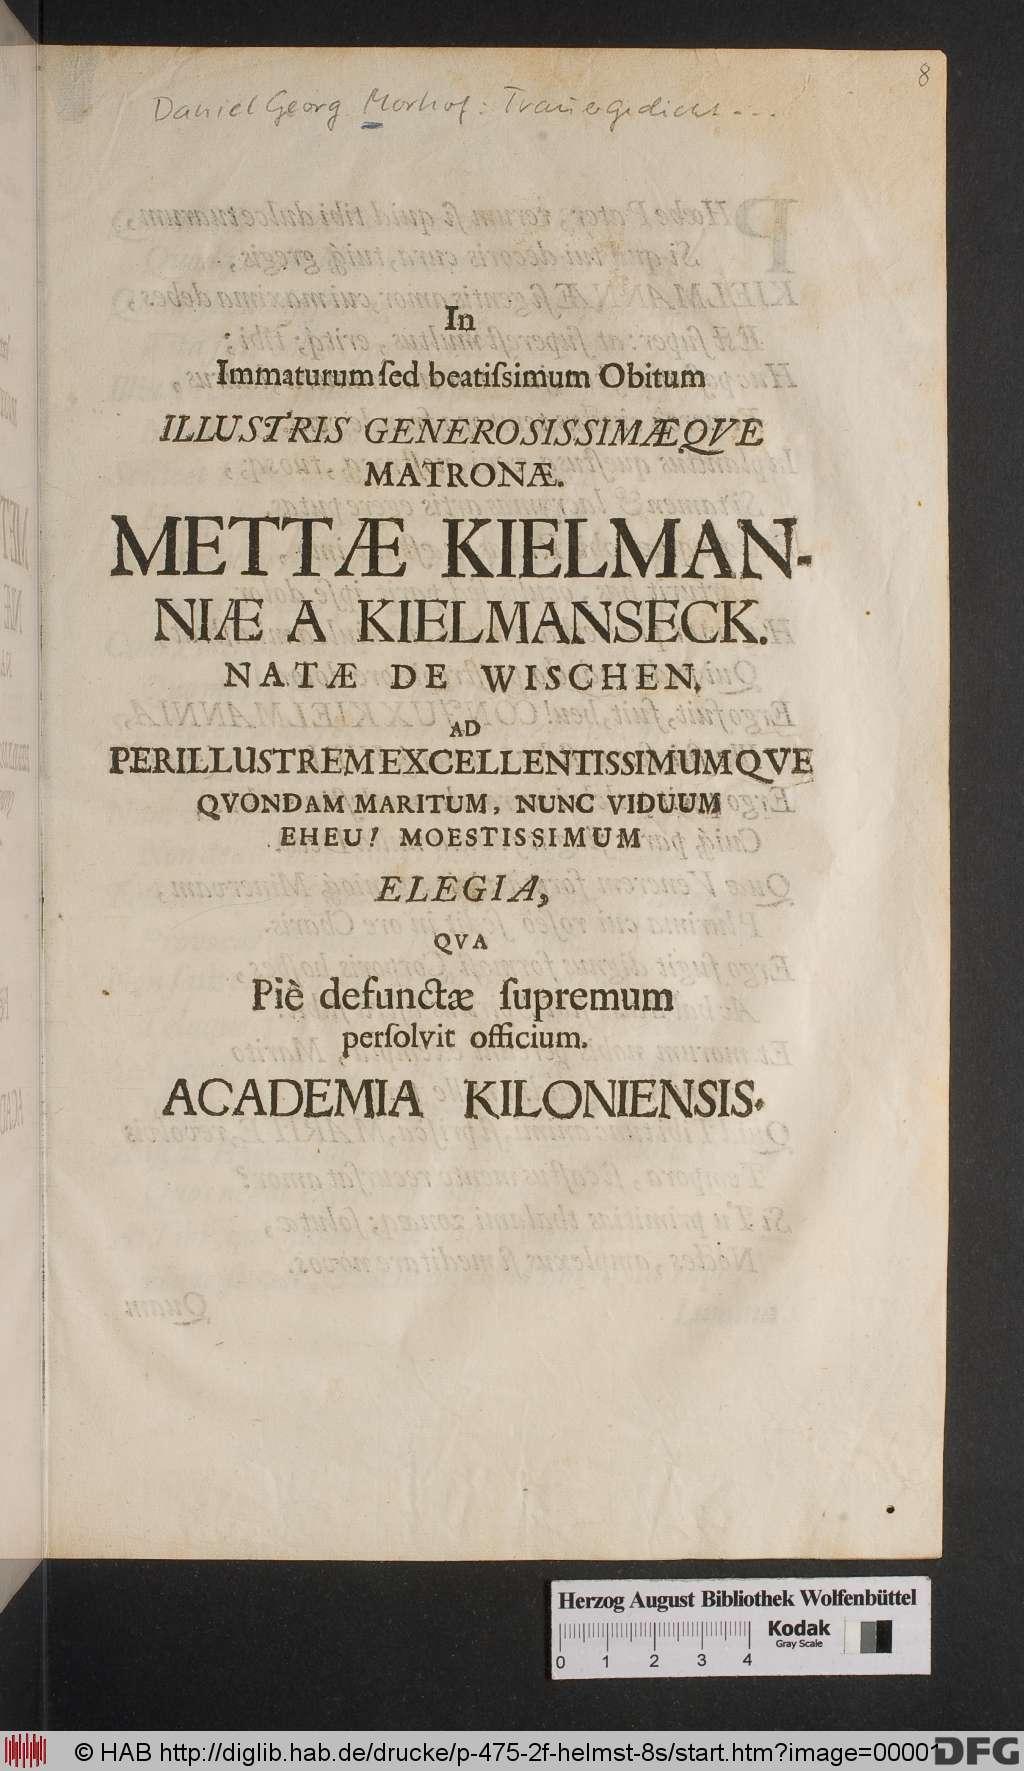 http://diglib.hab.de/drucke/p-475-2f-helmst-8s/00001.jpg